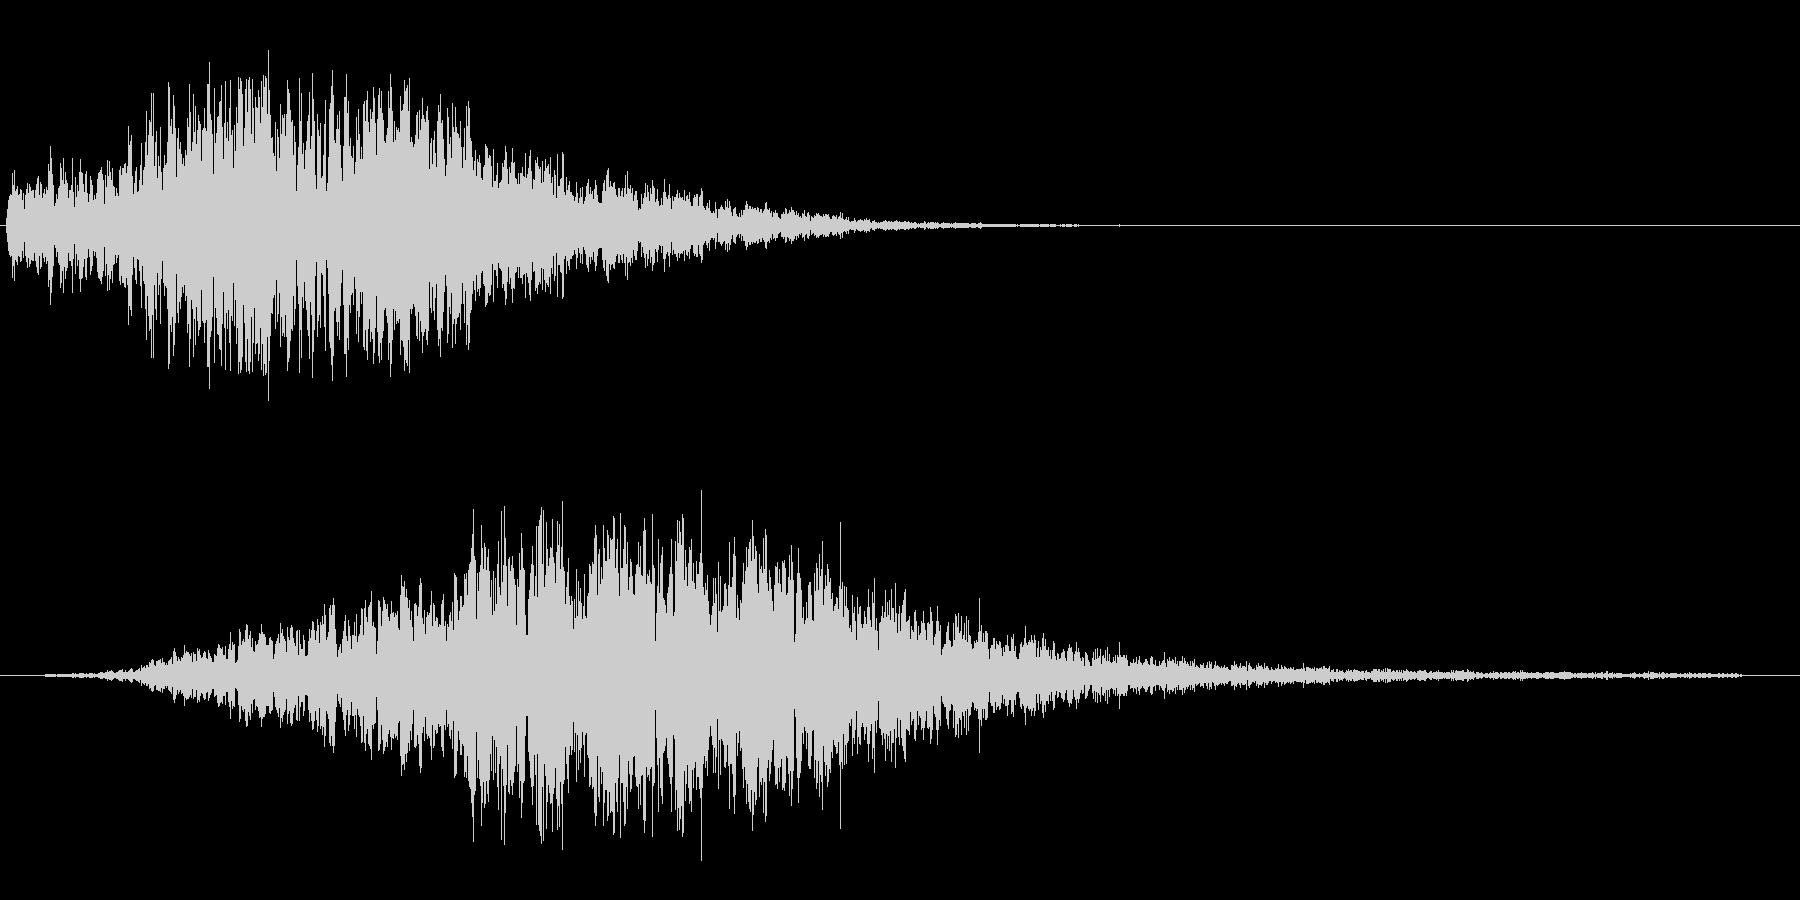 シュー(宇宙船が目の前を横切るような音)の未再生の波形